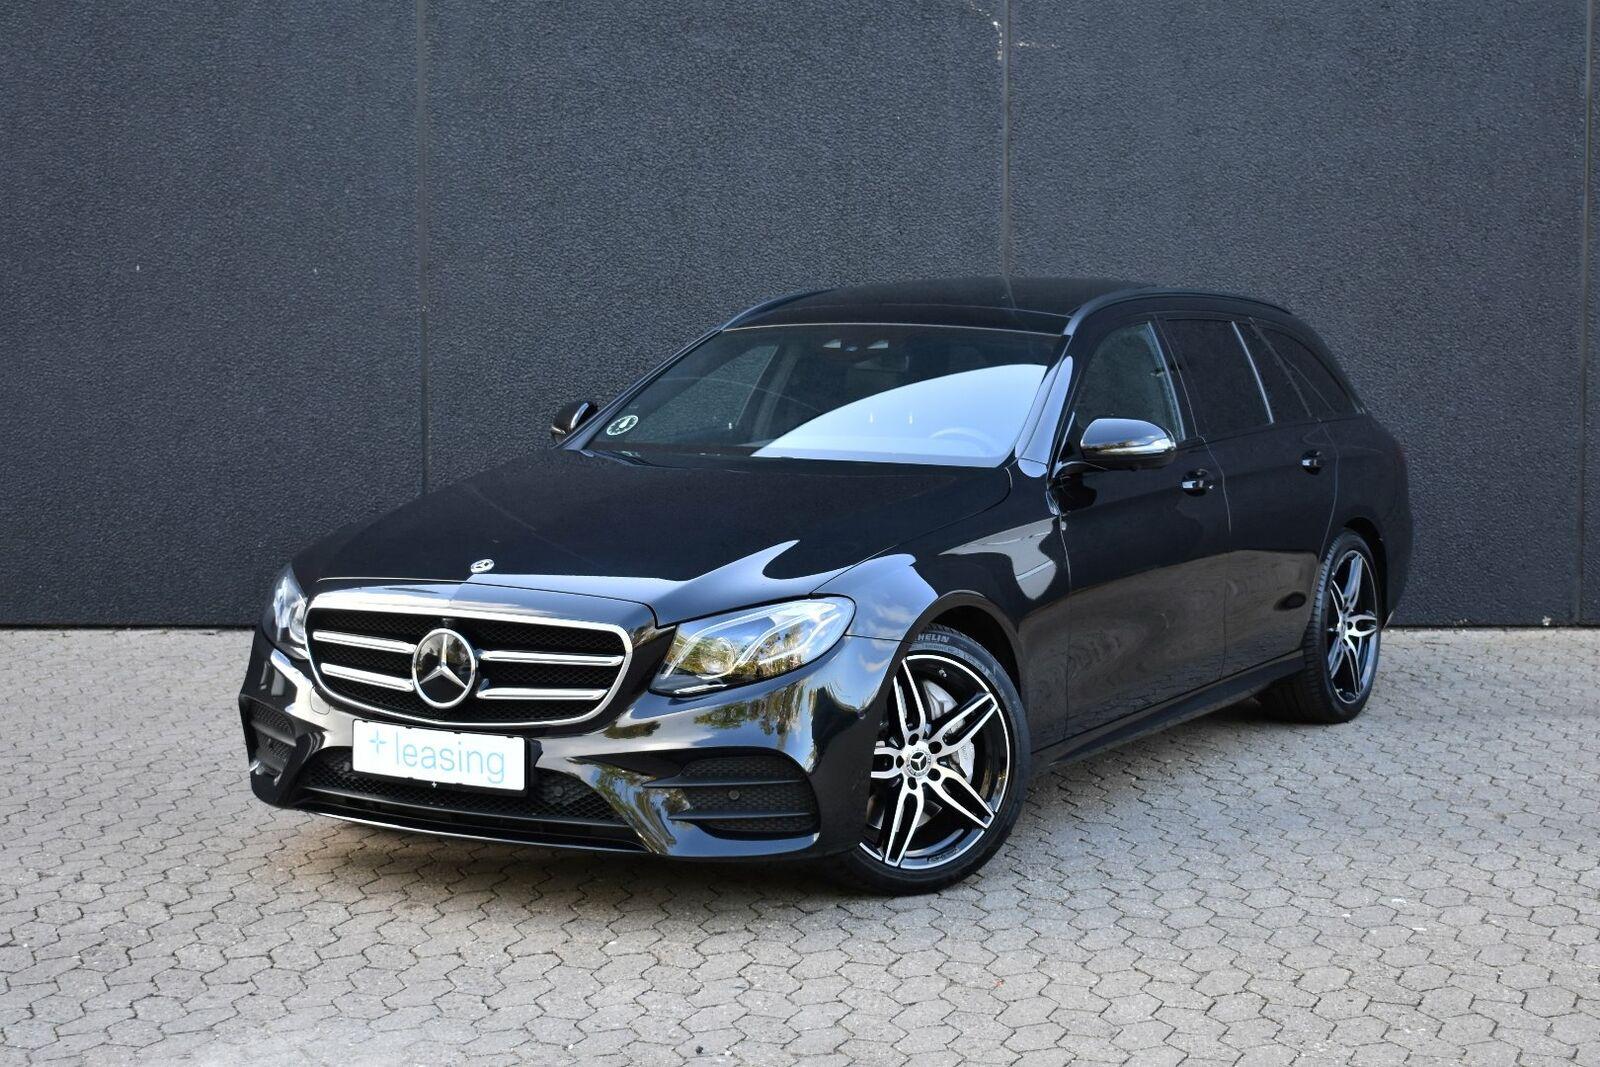 Mercedes E350 d 3,0 AMG Line stc. aut. 5d - 3.945 kr.